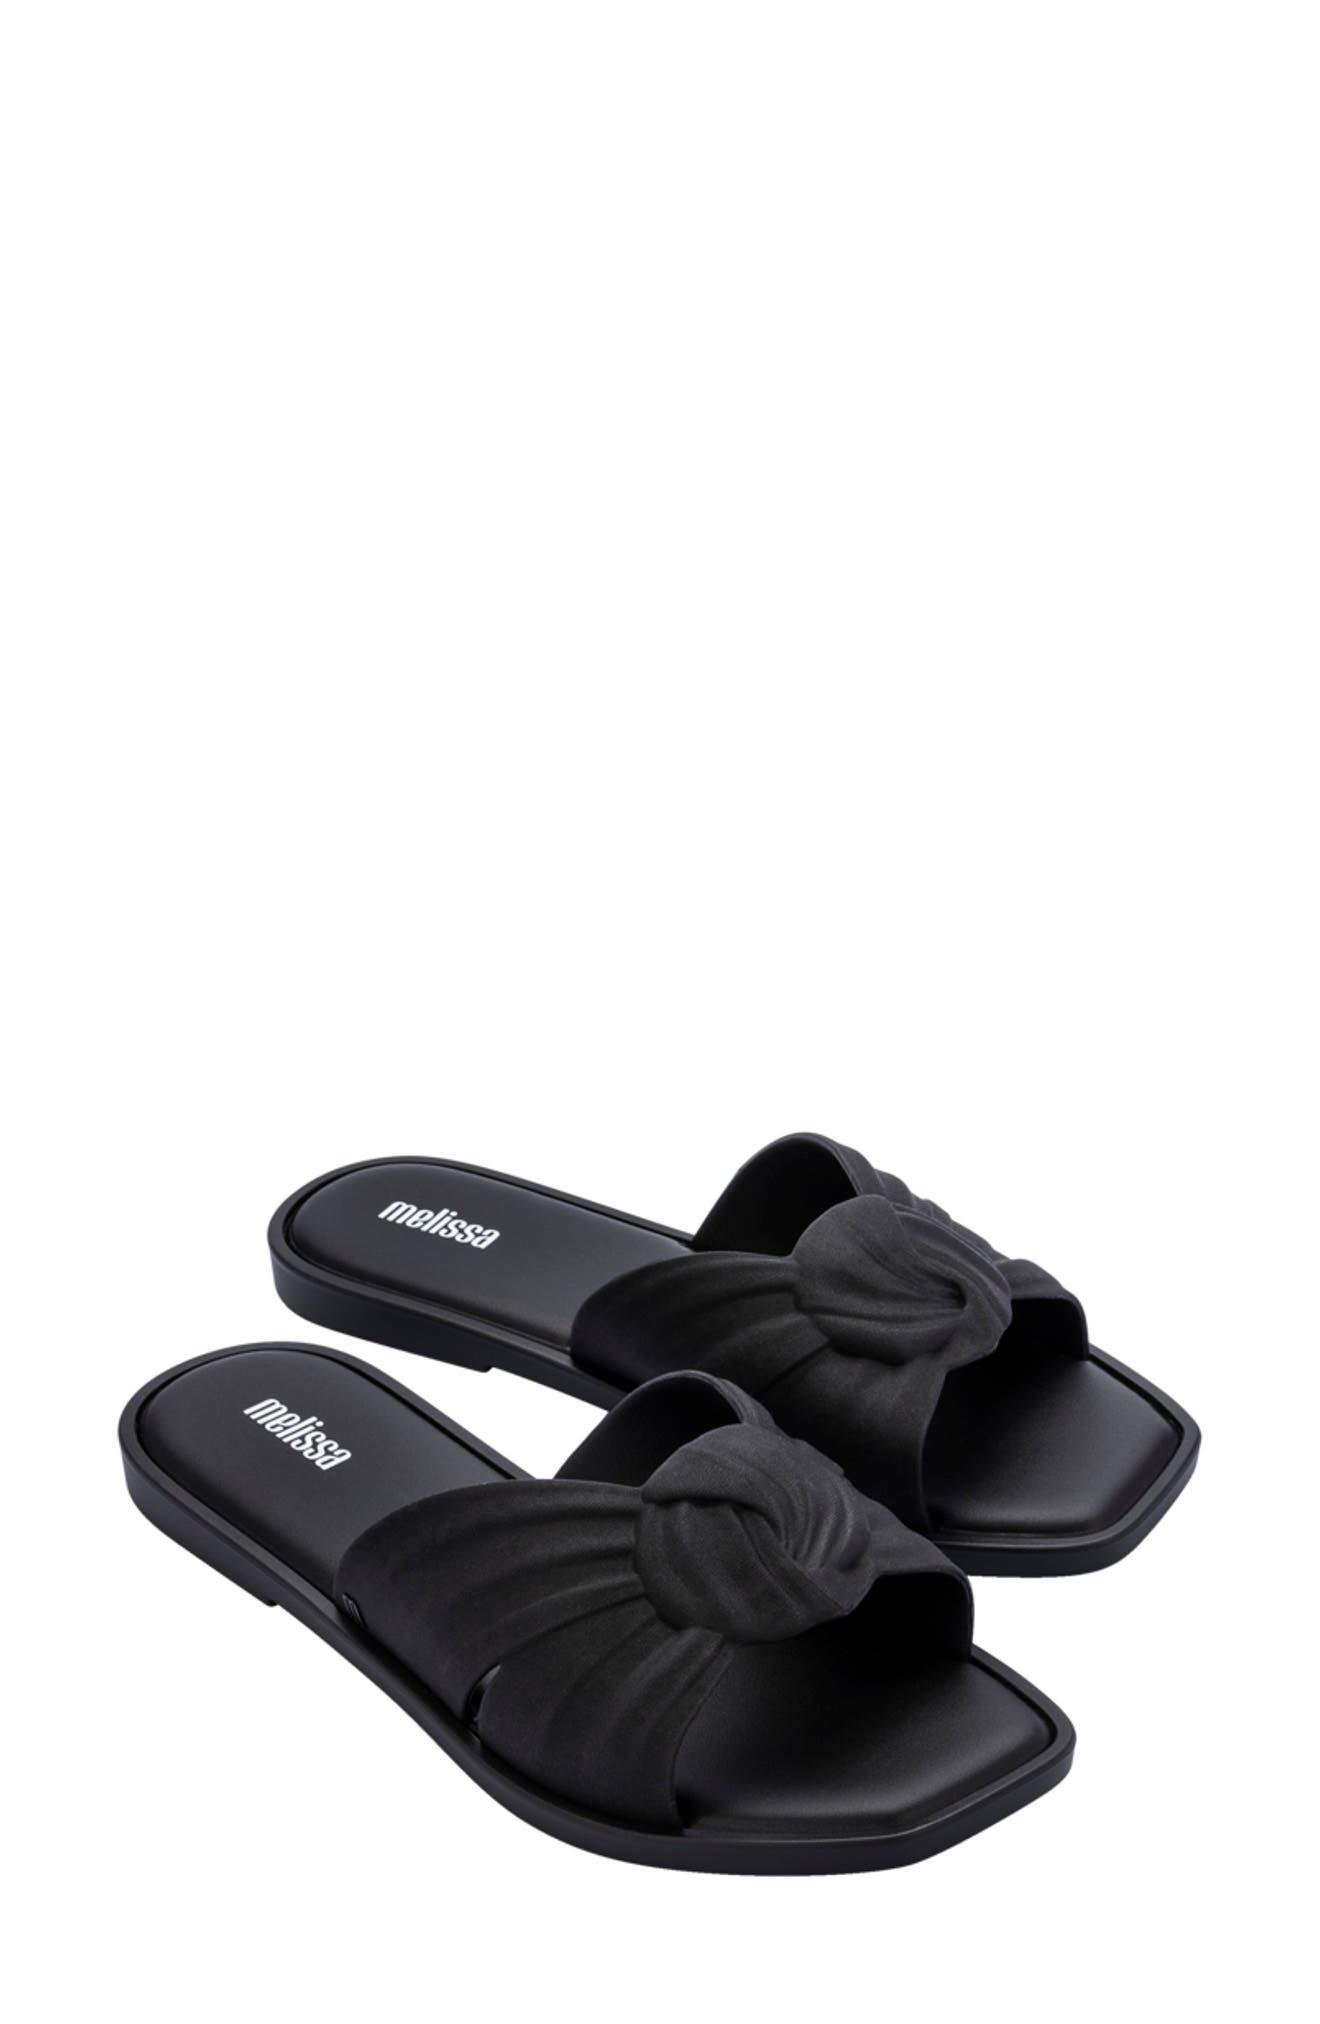 Plush Slide Sandal